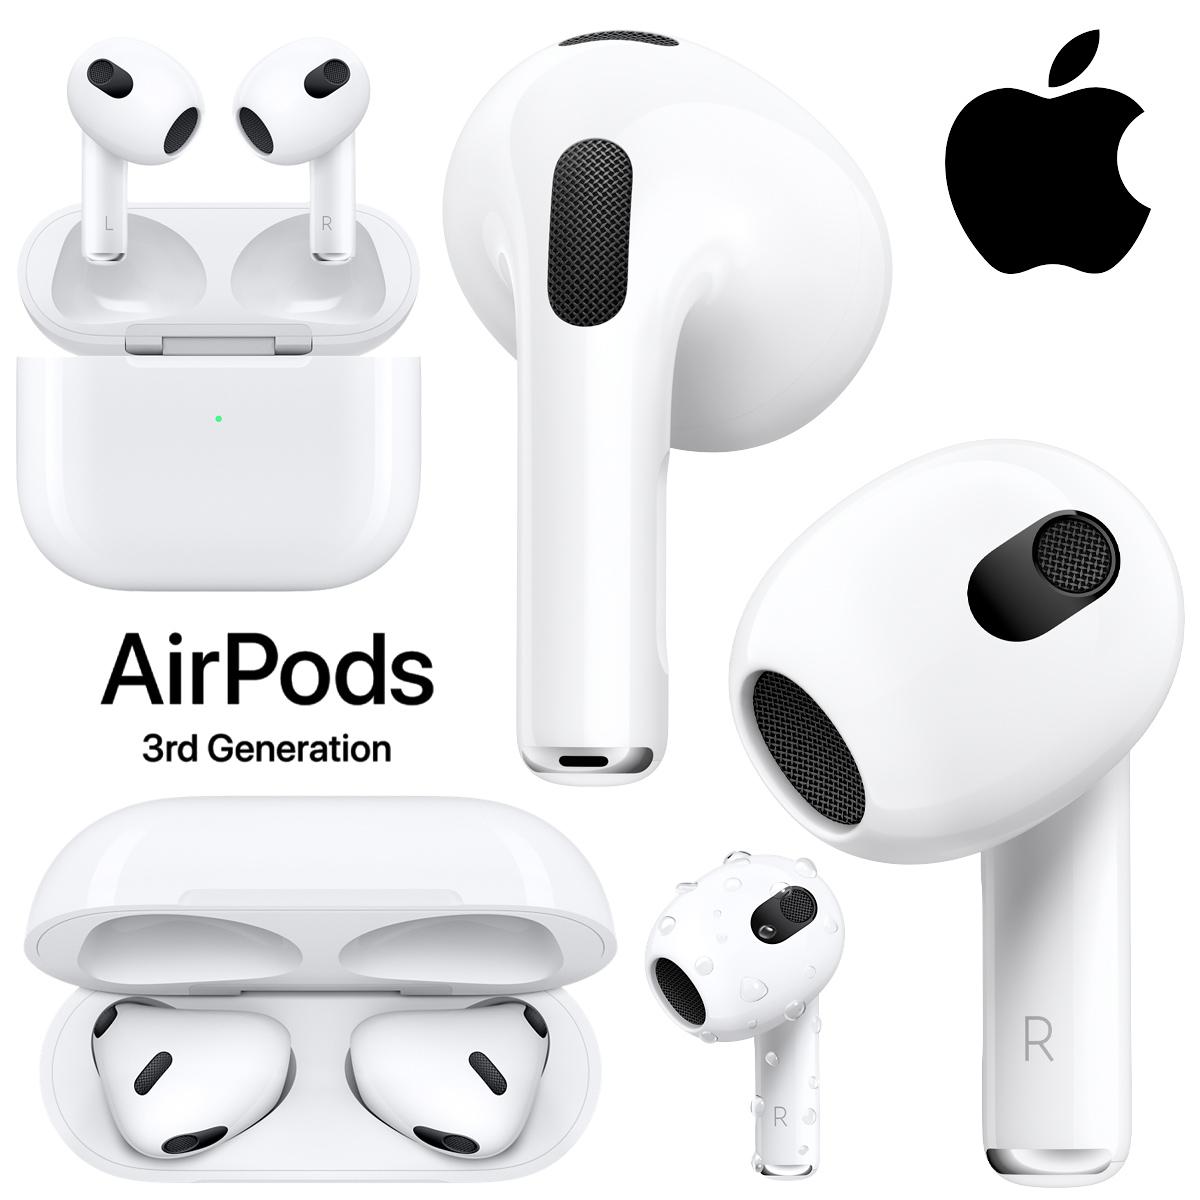 AirPods de 3ª geração, os novos fones de ouvido da Apple miniatura